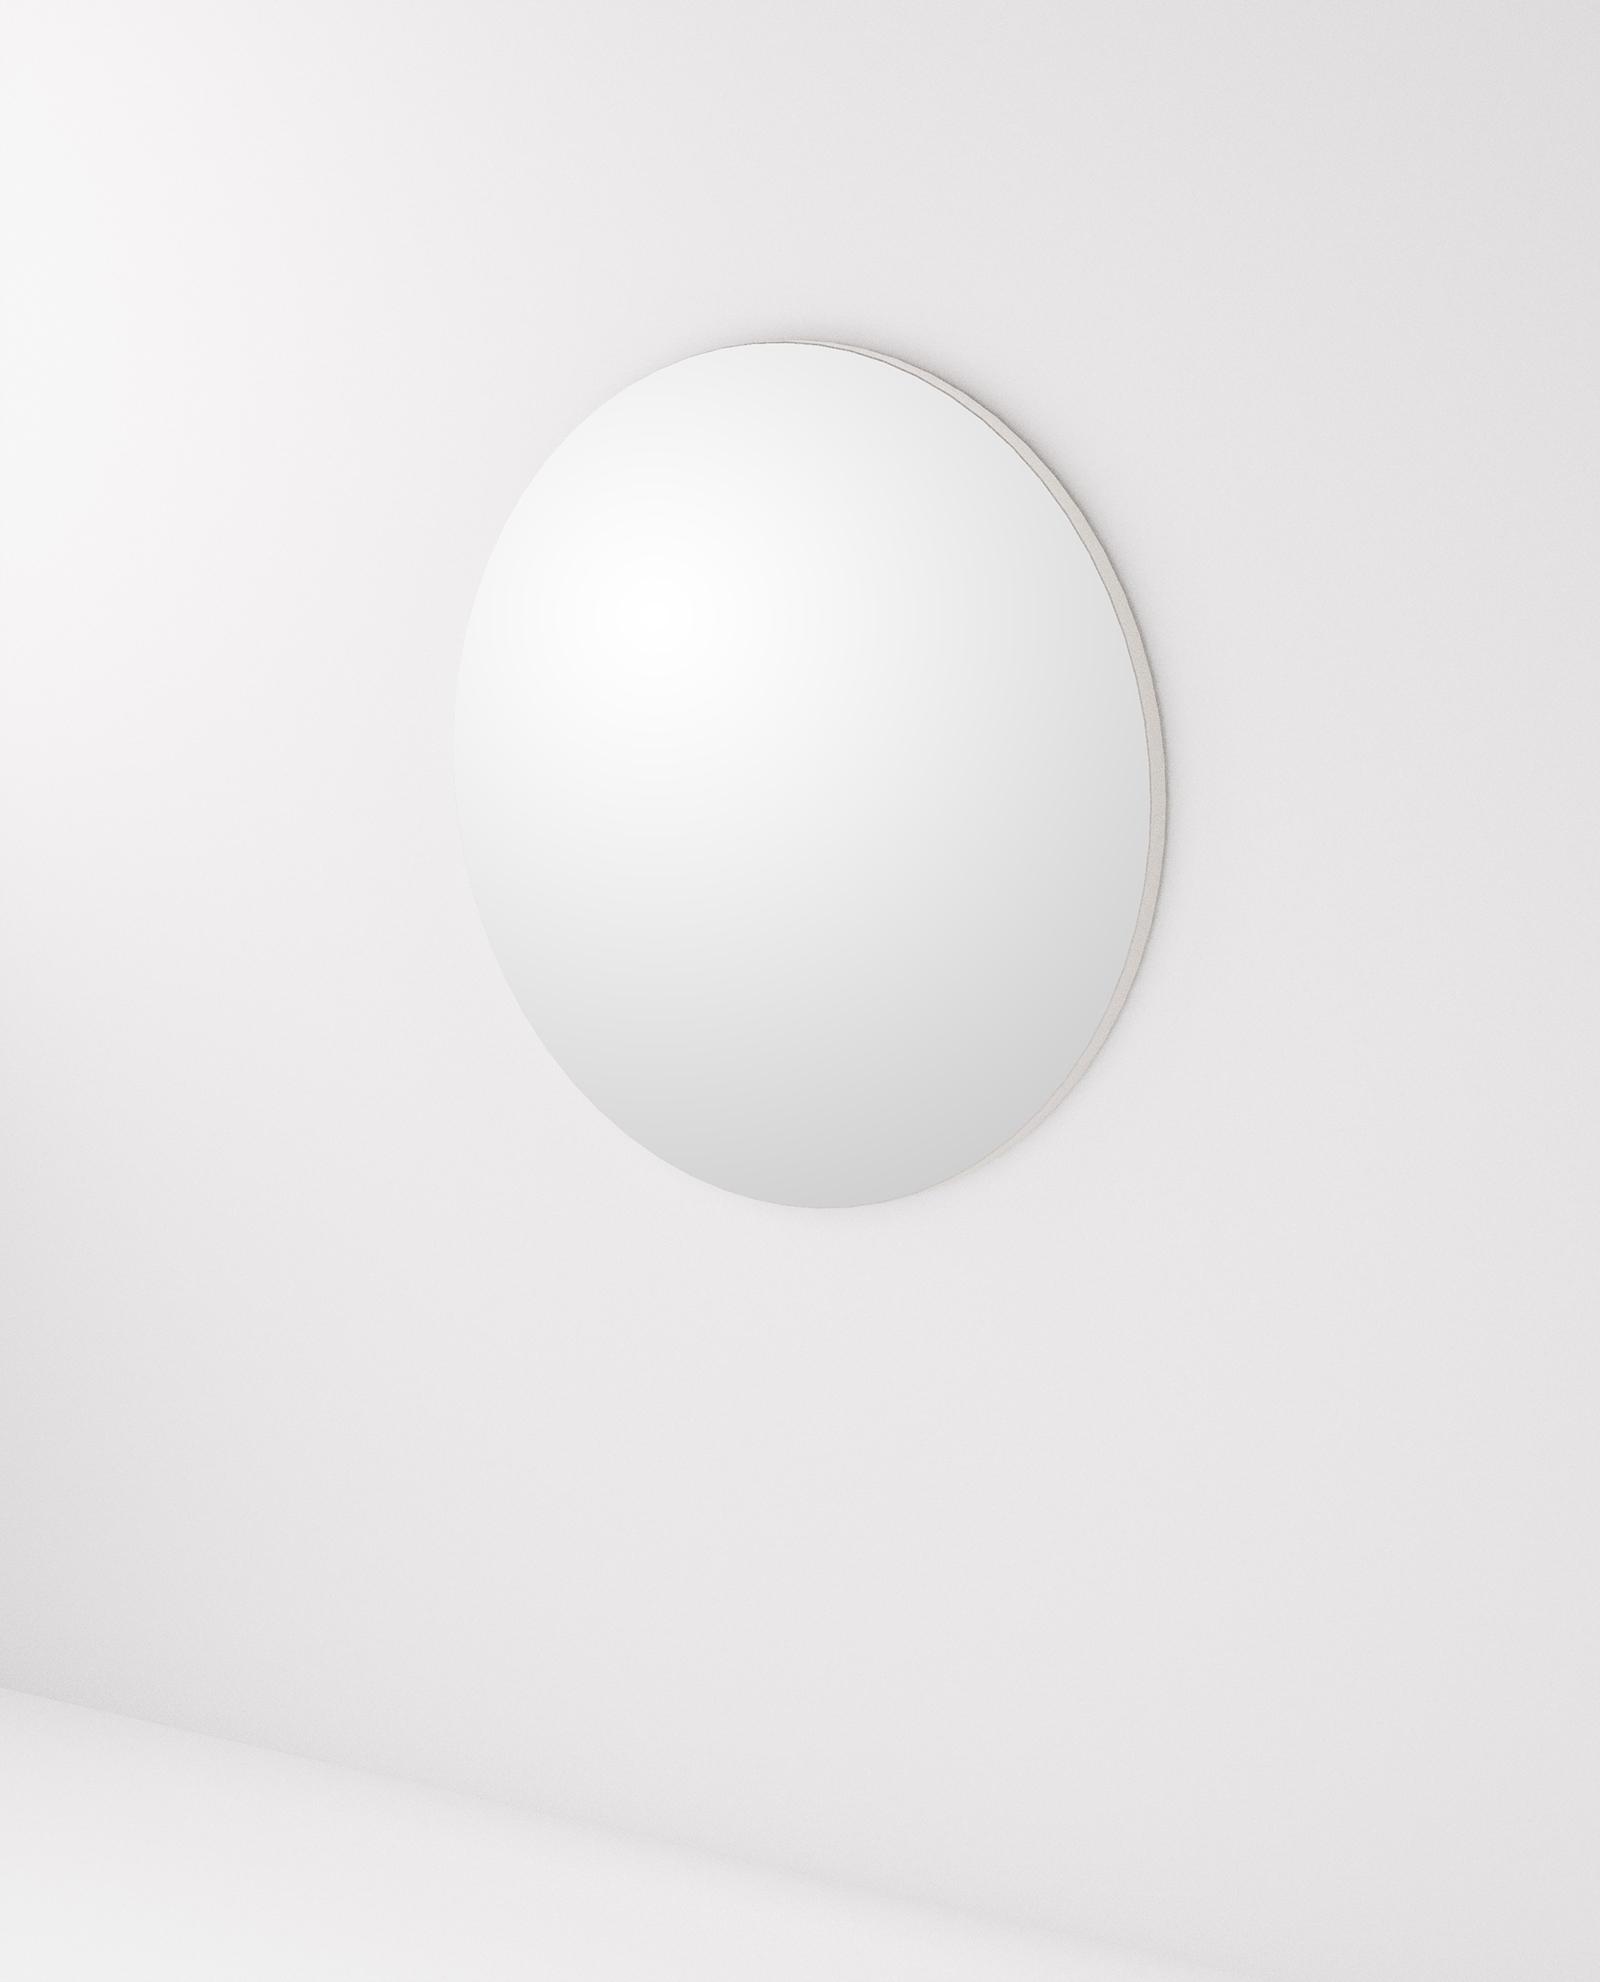 espelho-parede-circulo-grande-lacado-branco (1)